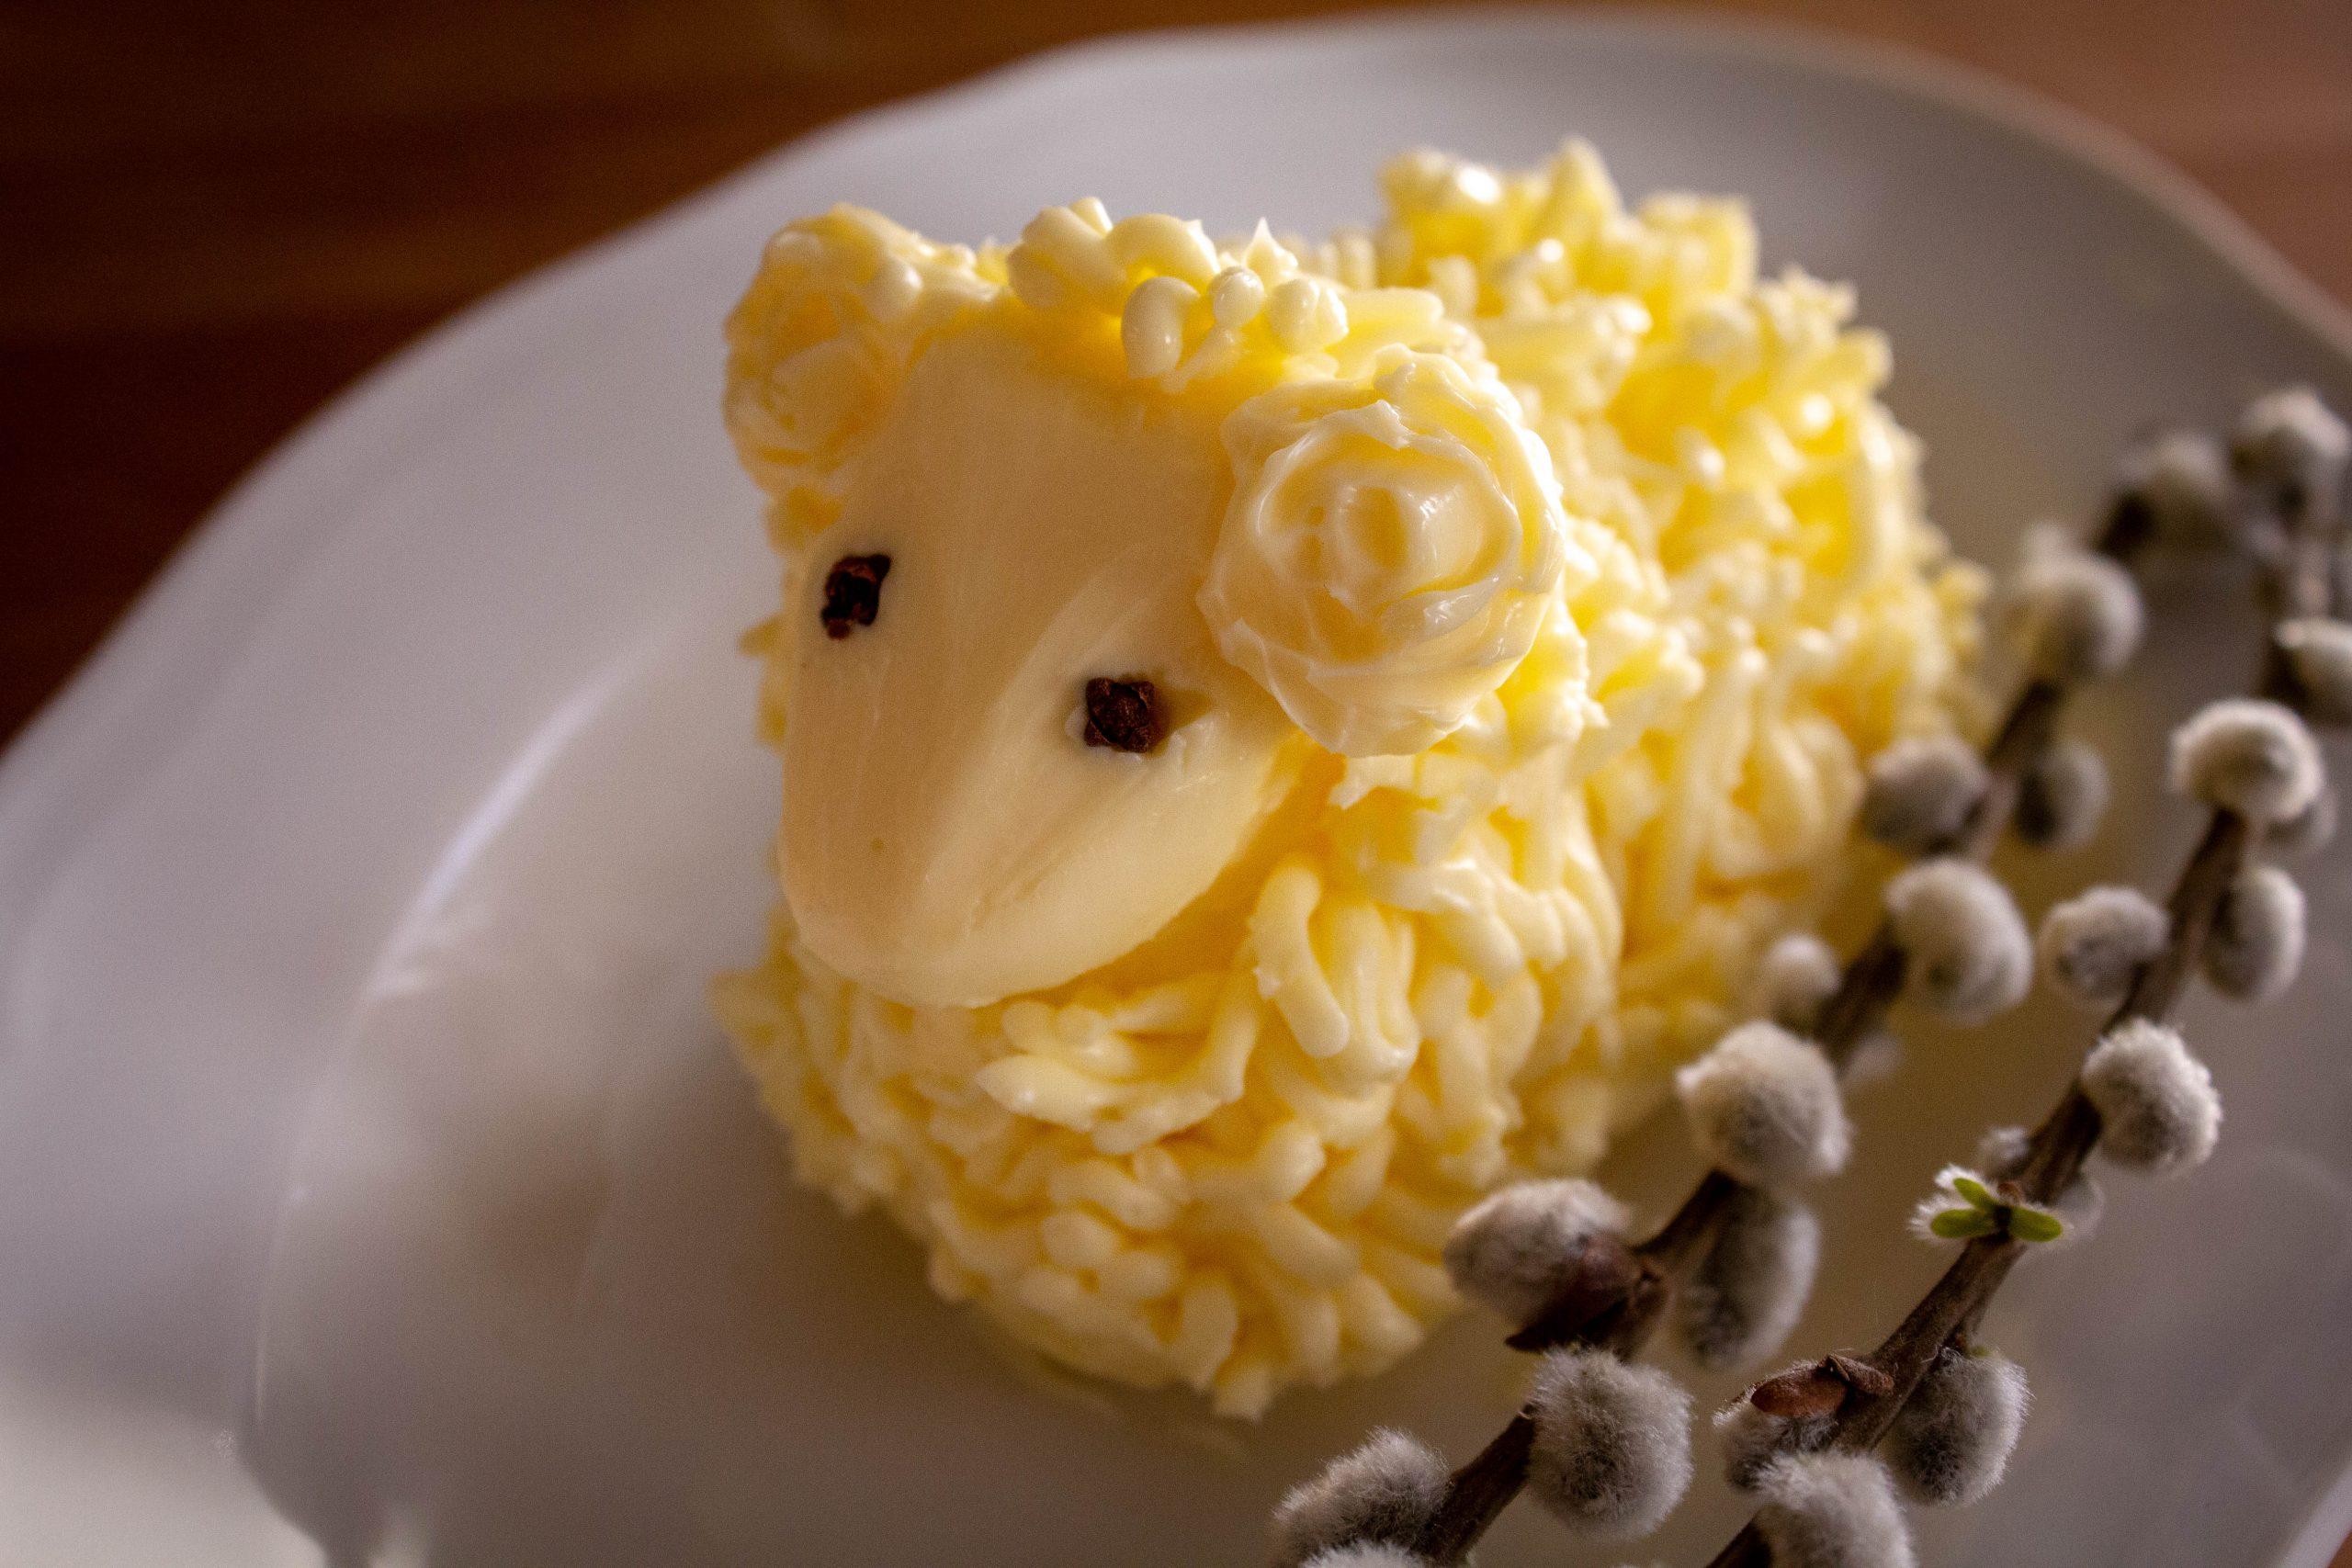 Wielkanocny baranek z masła.